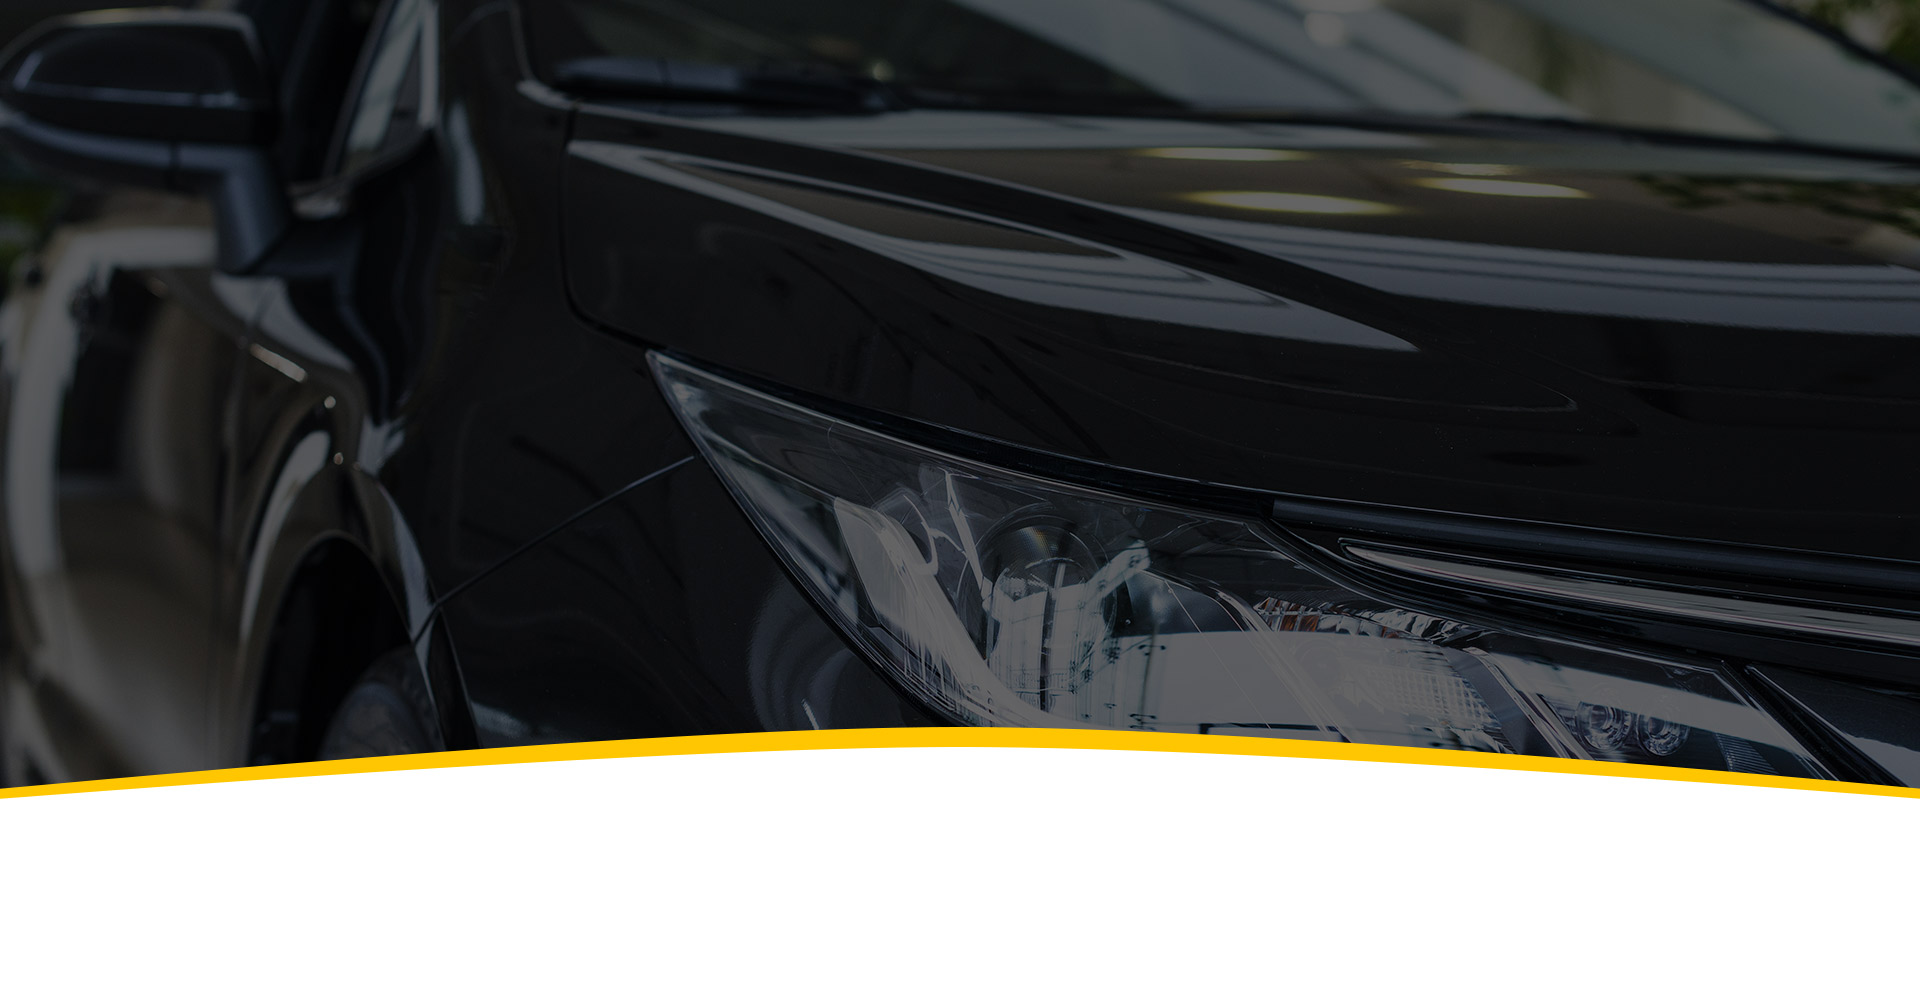 VIDROPEÇAS é especialista em vidros e acessórios automotivos em Bauru.